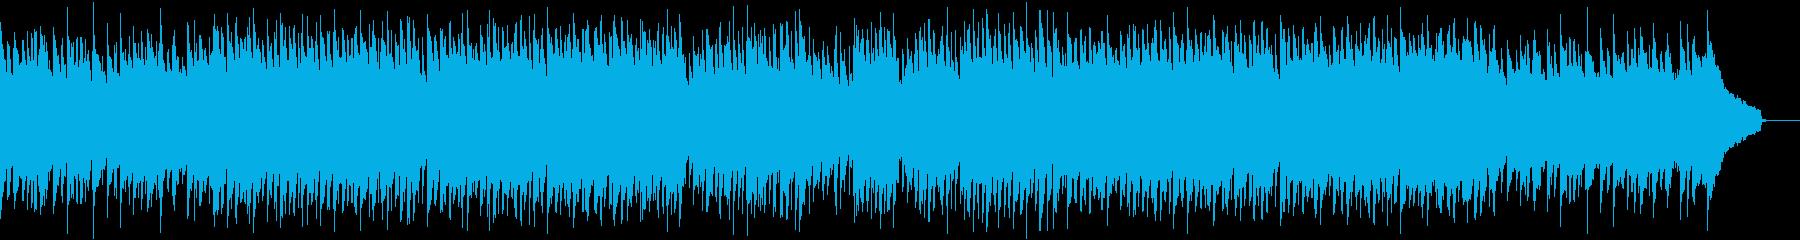 ジャズ・ピアノ・綺麗・PVの再生済みの波形